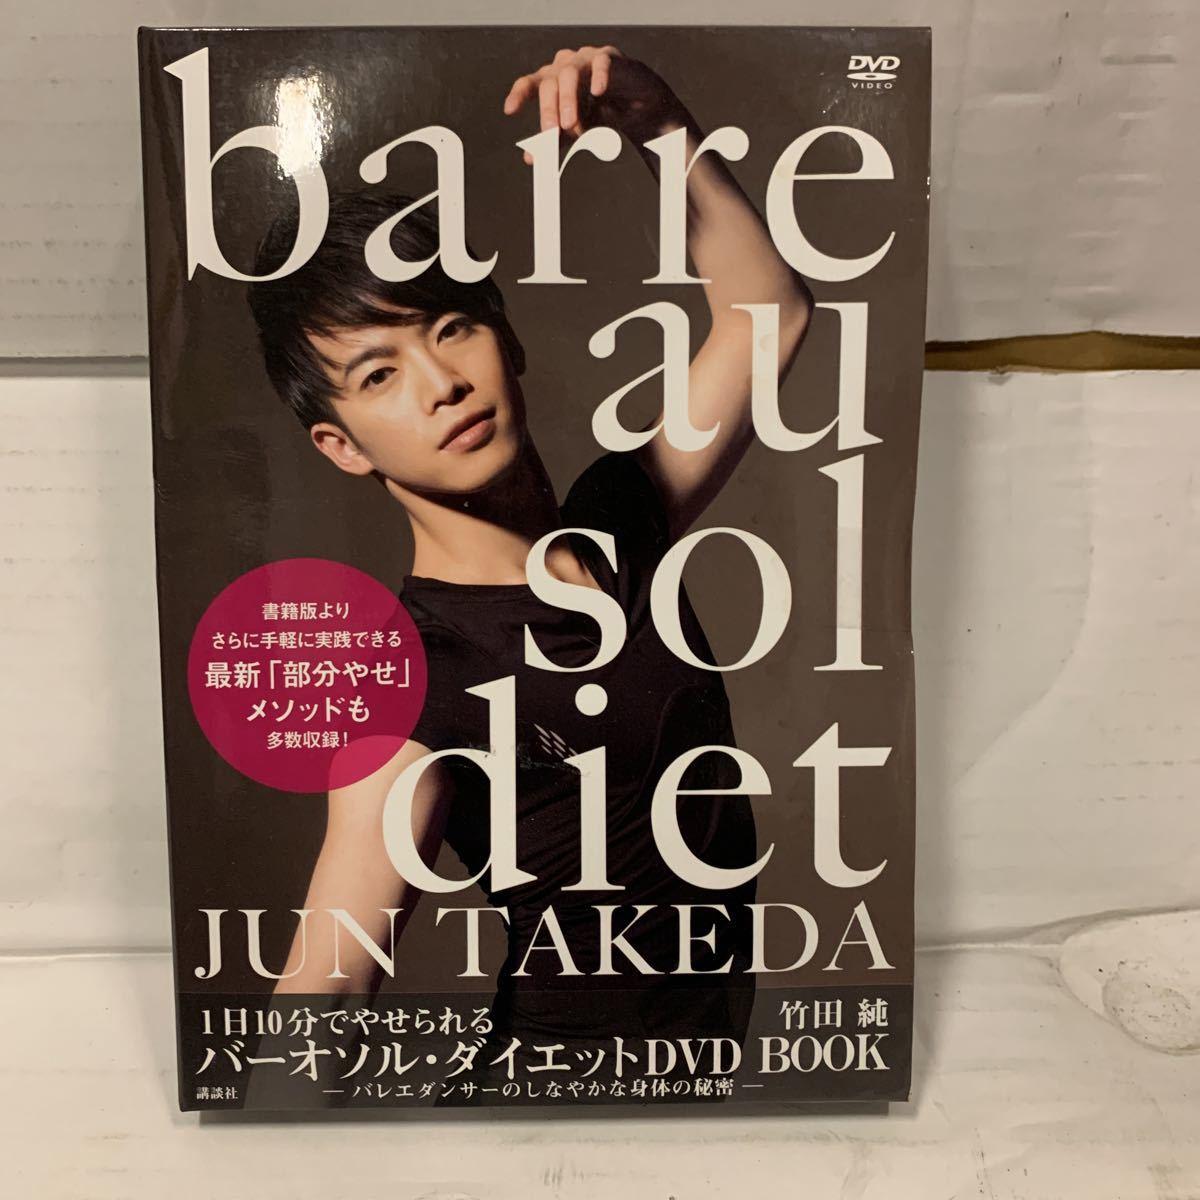 新品未使用 barre au sol diet DVD 竹田純 B9-9